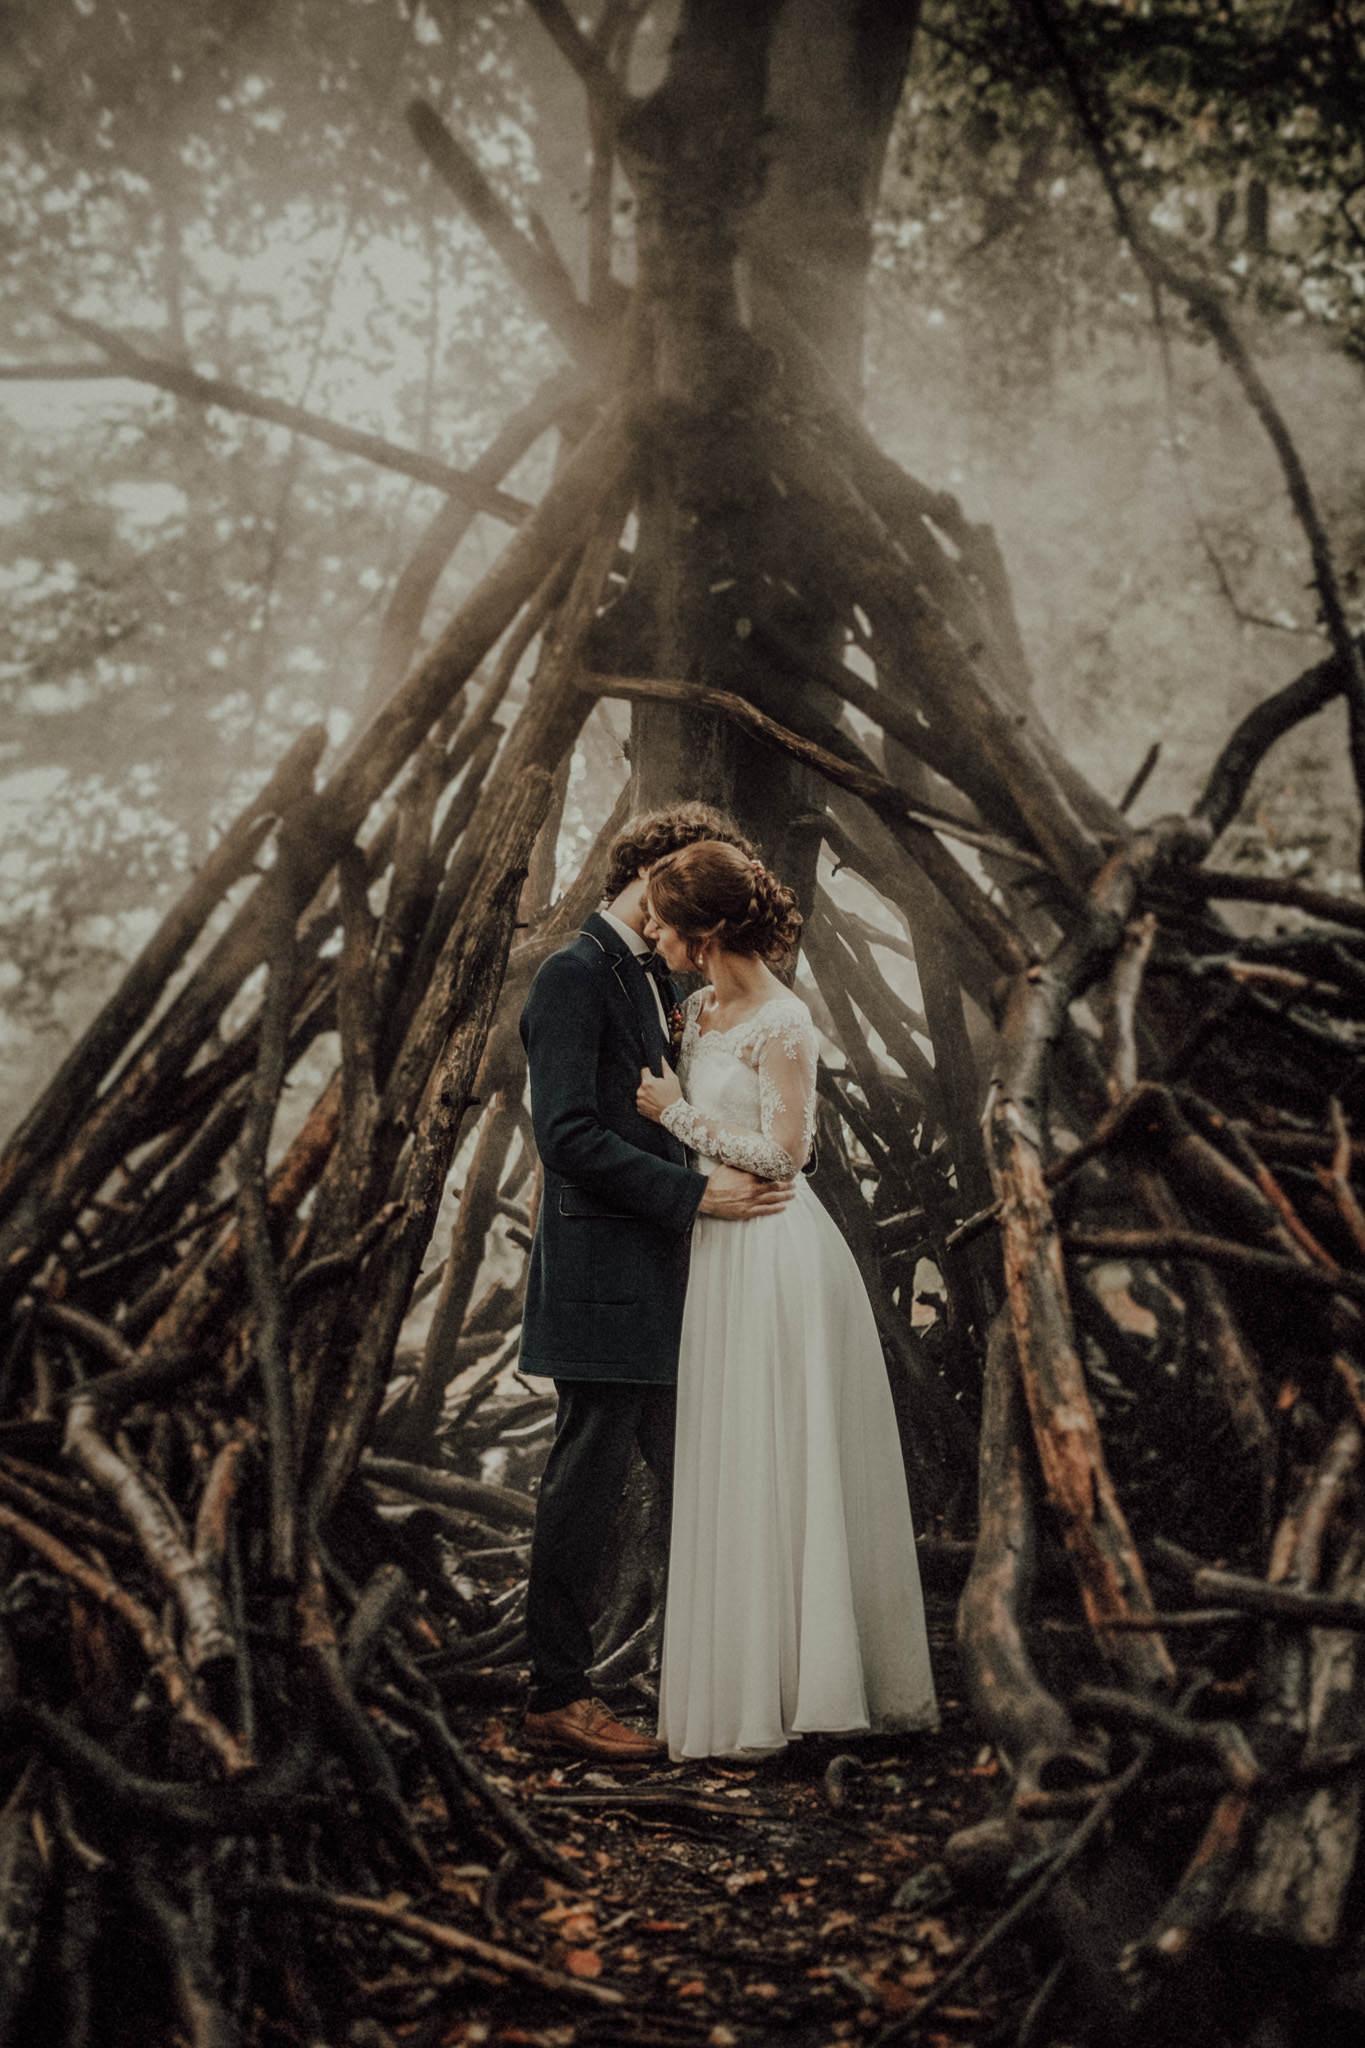 Hochzeitslocation-Lua Pauline Aachen - Paarrshooting - Hochzeitsofotograf NRW.jpg